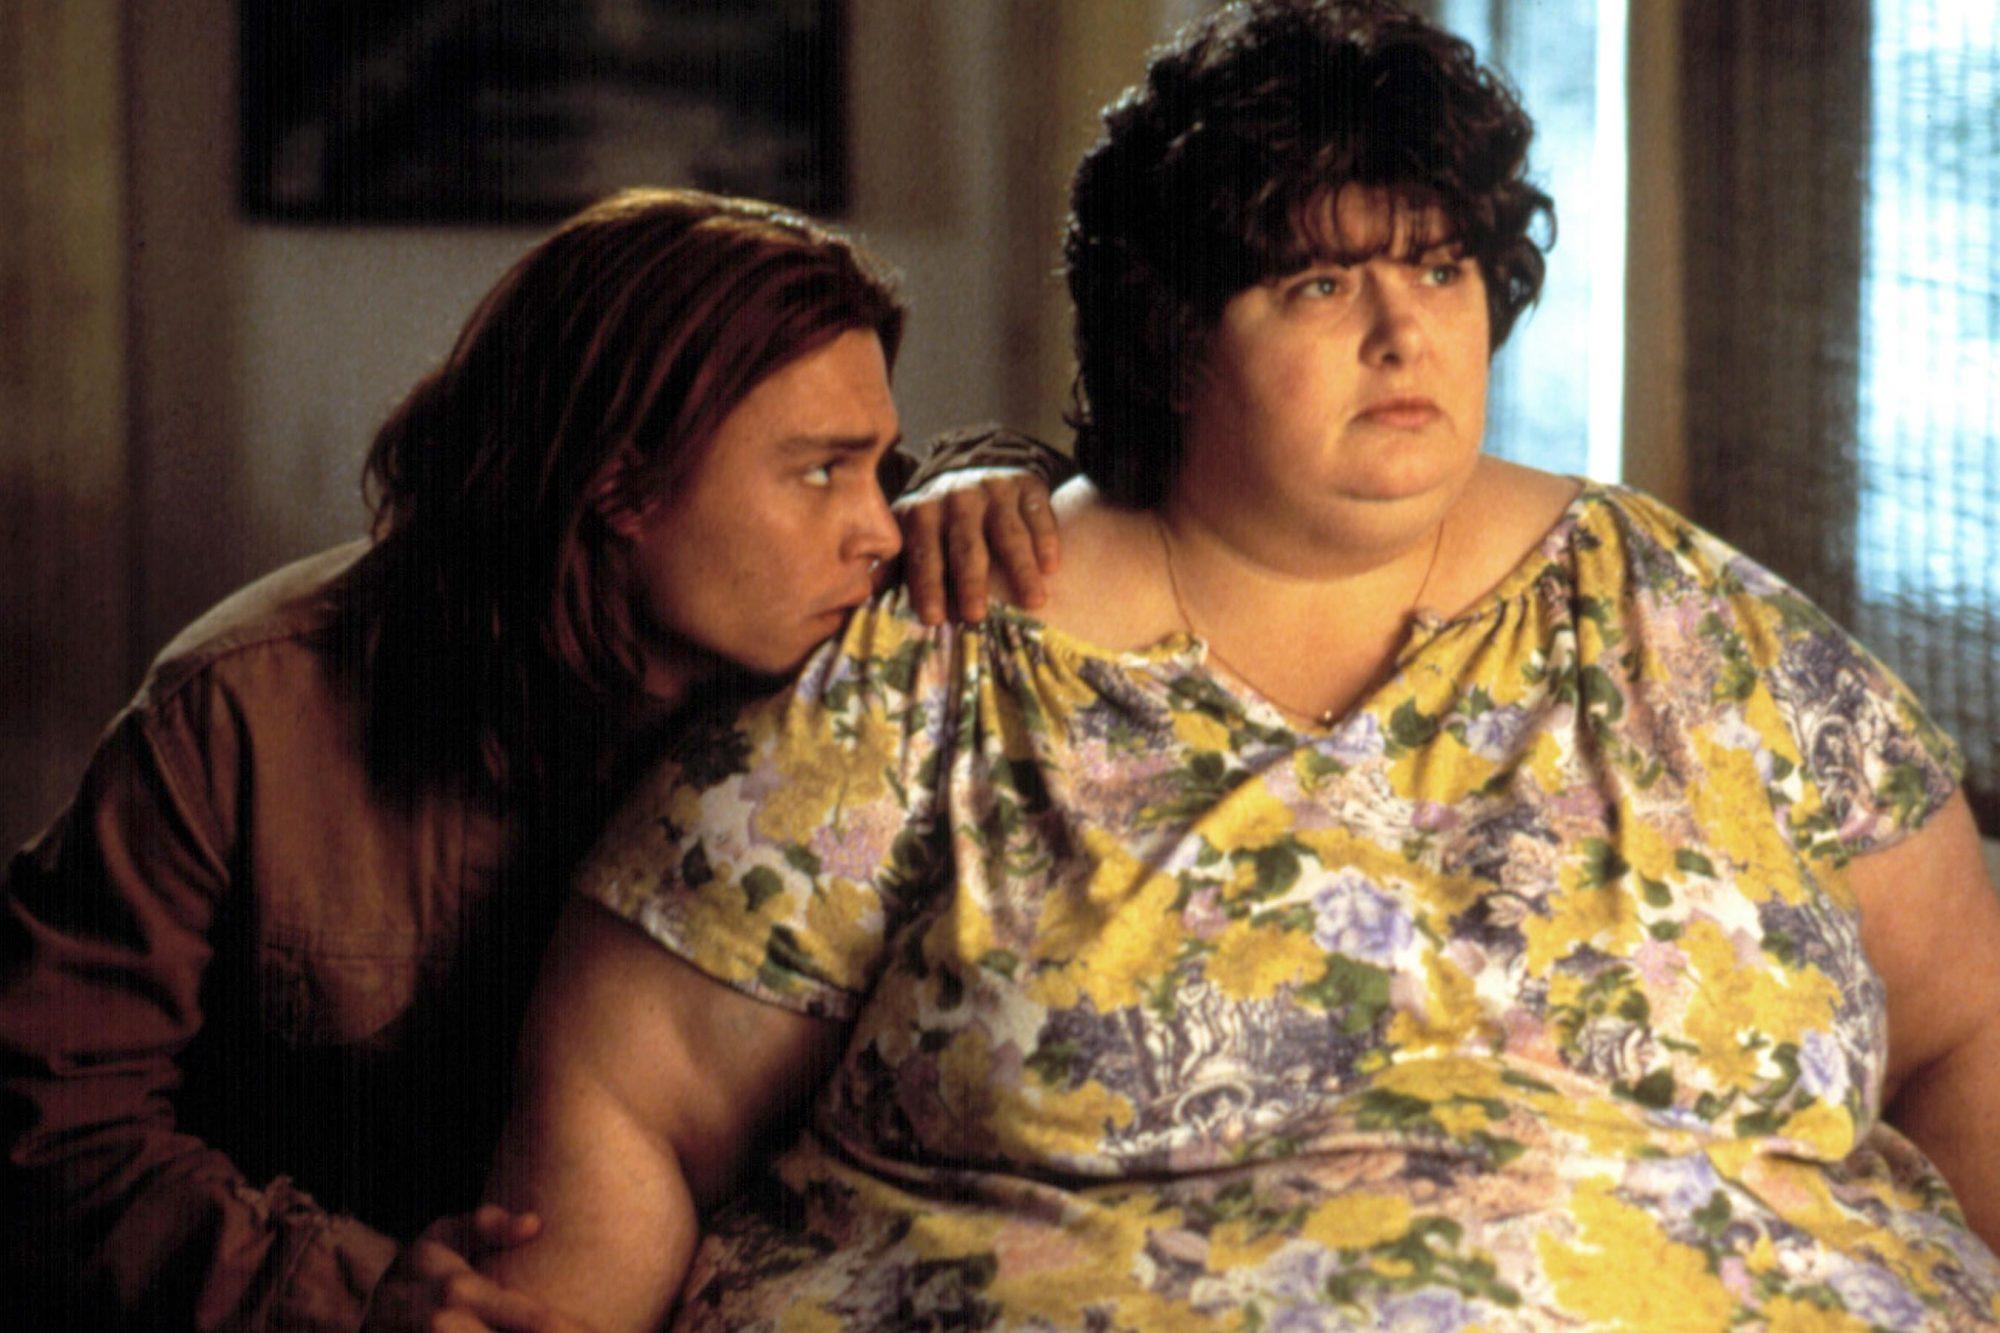 WHAT'S EATING GILBERT GRAPE?, Johnny Depp, Darlene Cates, 1993